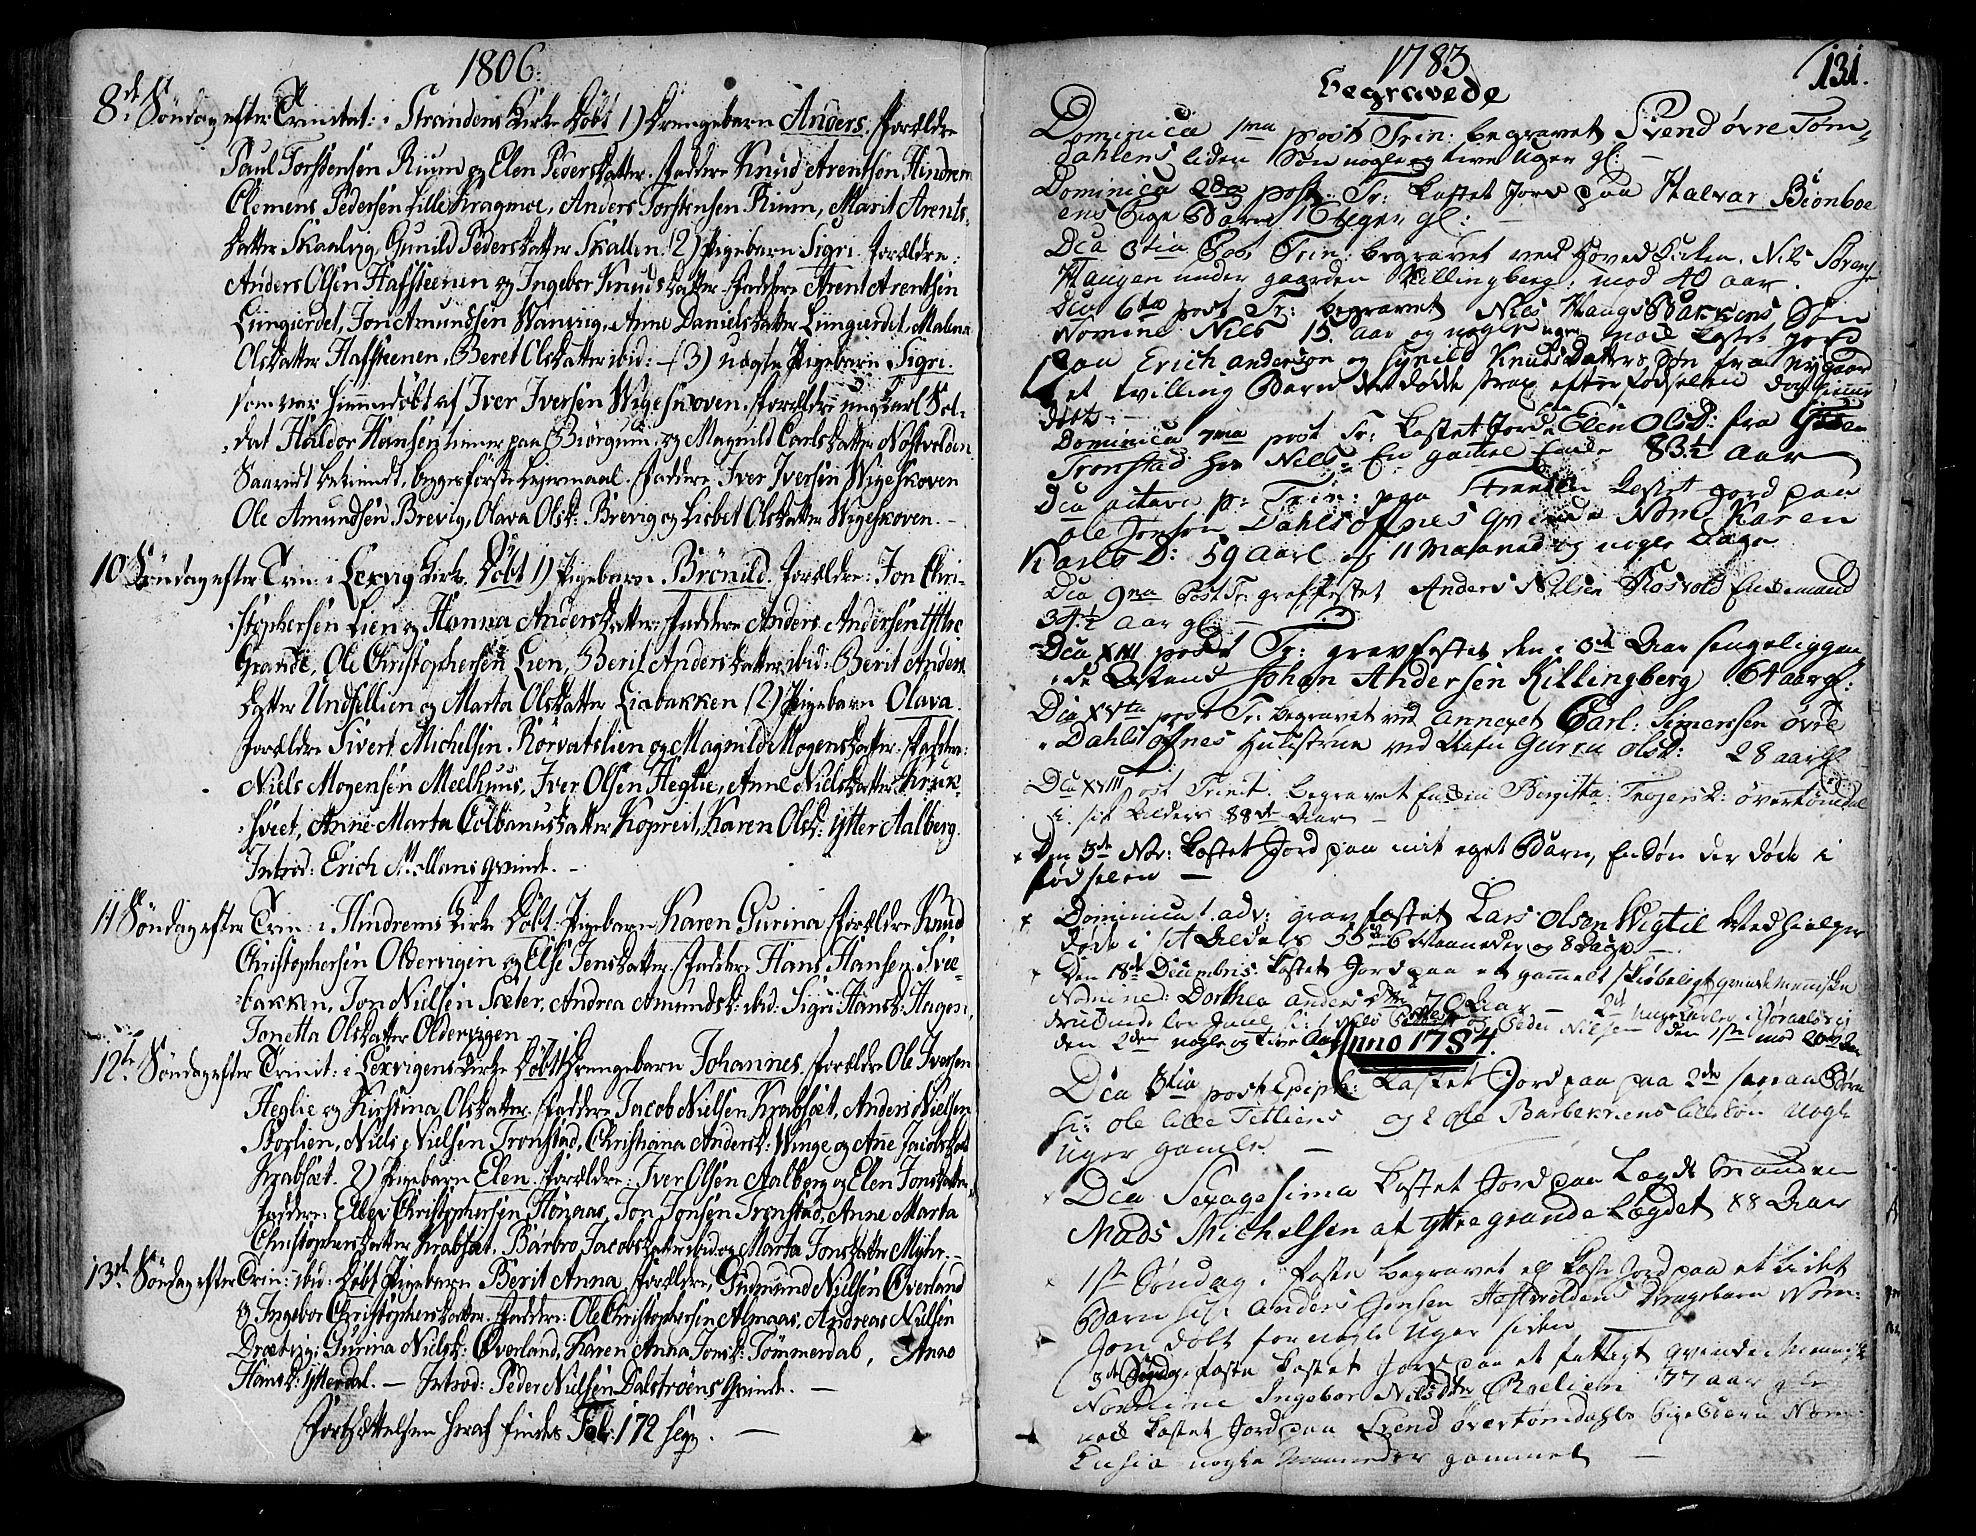 SAT, Ministerialprotokoller, klokkerbøker og fødselsregistre - Nord-Trøndelag, 701/L0004: Ministerialbok nr. 701A04, 1783-1816, s. 131